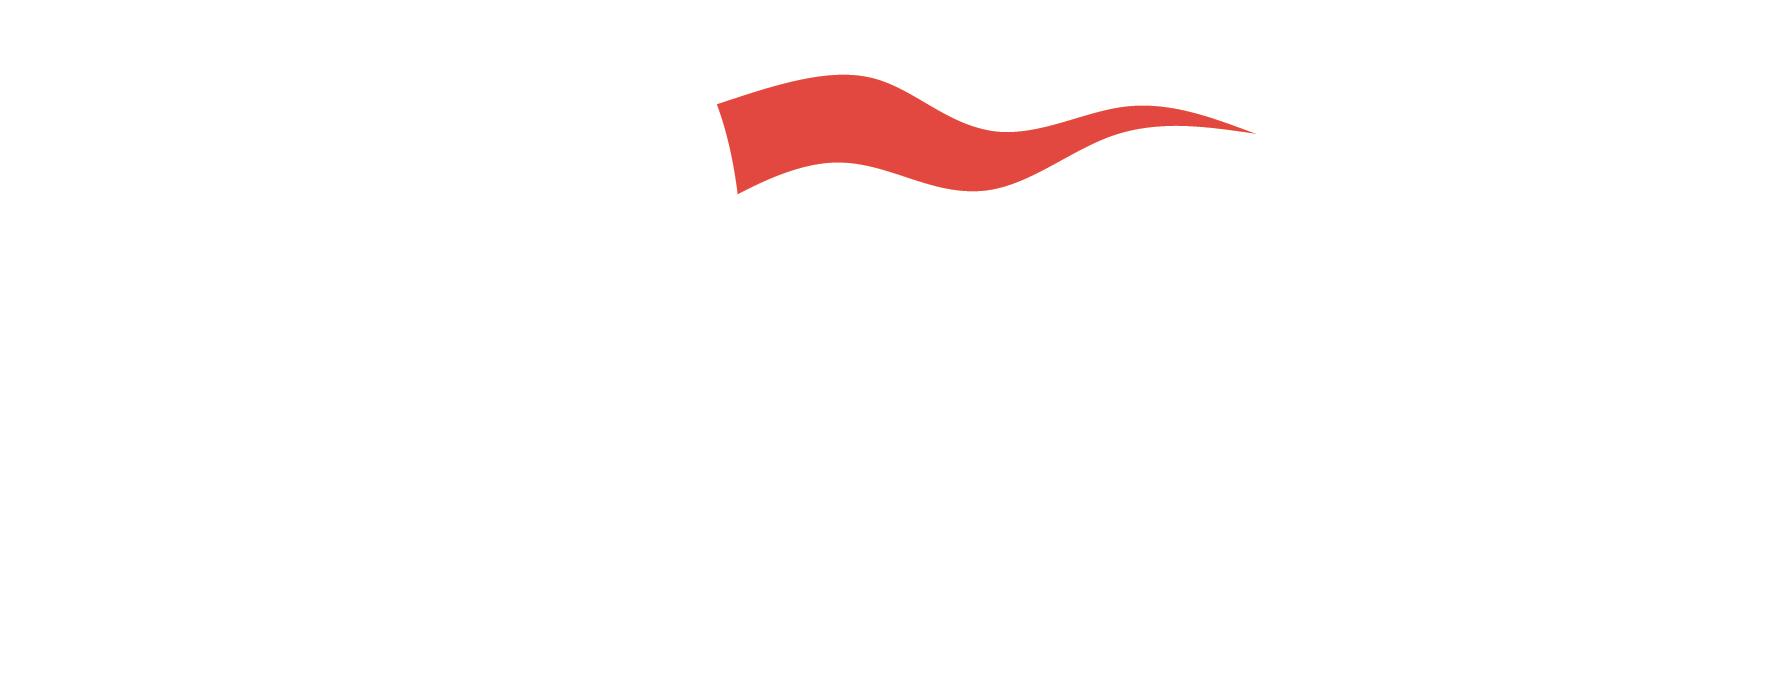 Blairgowrie Yacht Squadron Crest